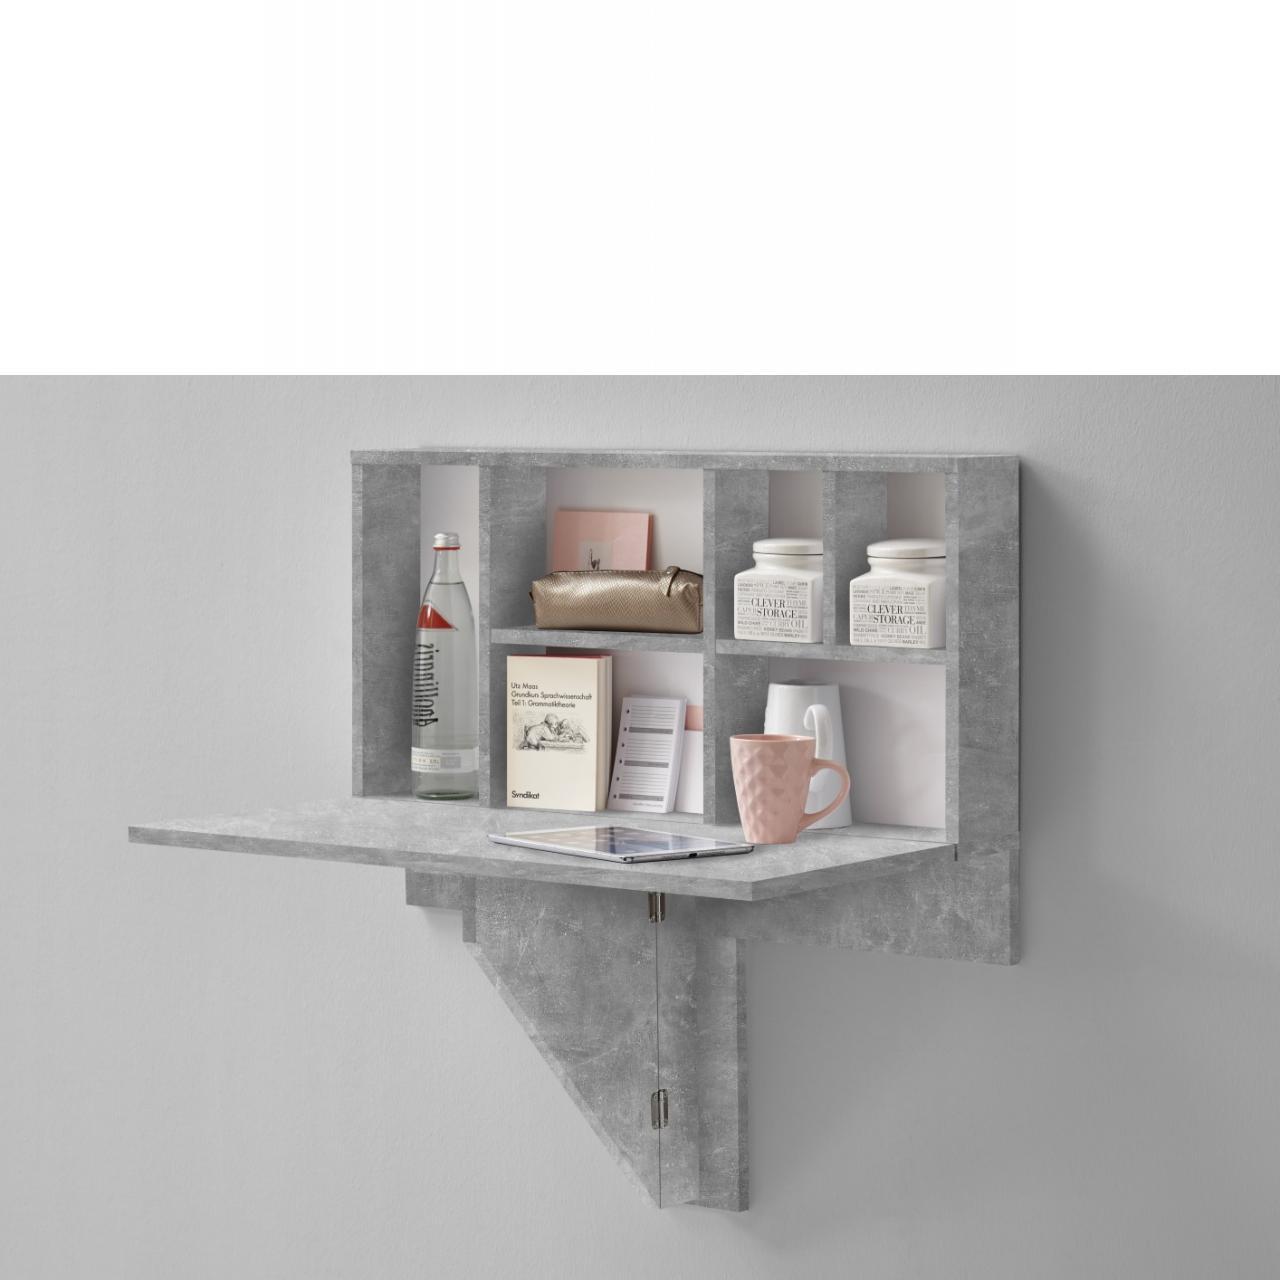 arta 2 klapptisch mit regal beton regale wohnen. Black Bedroom Furniture Sets. Home Design Ideas